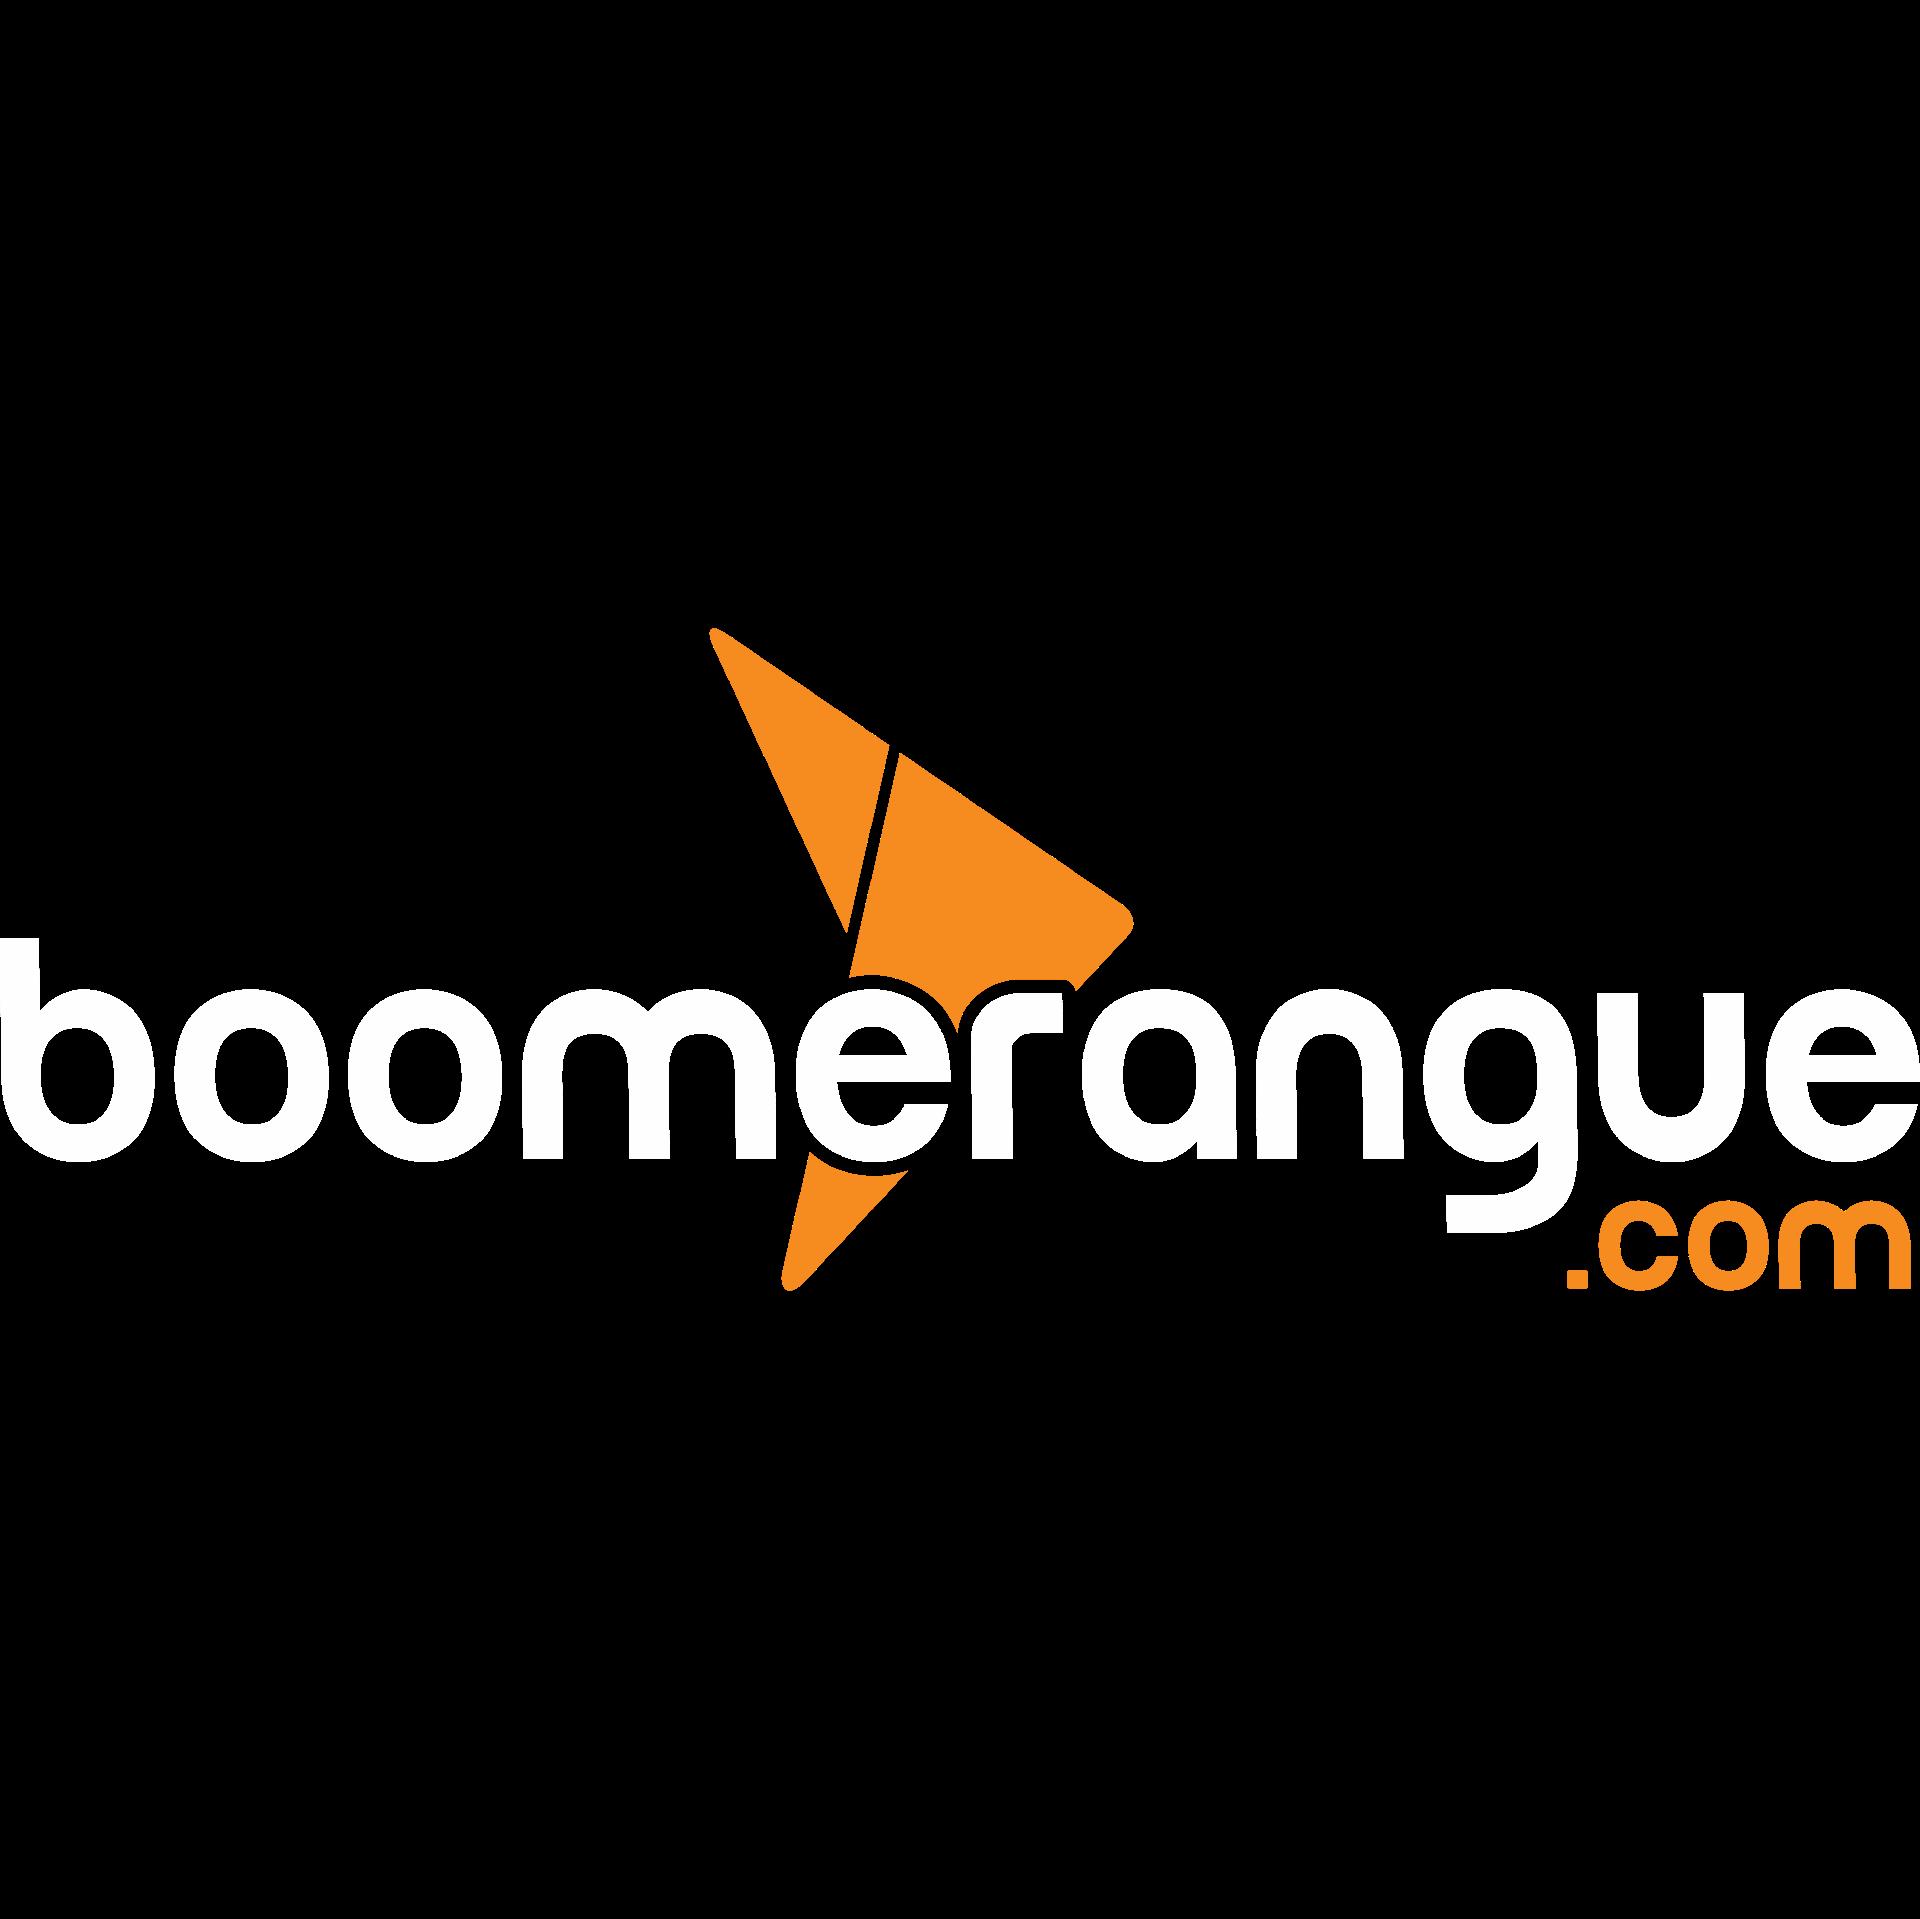 BOOMERANGUE.COM